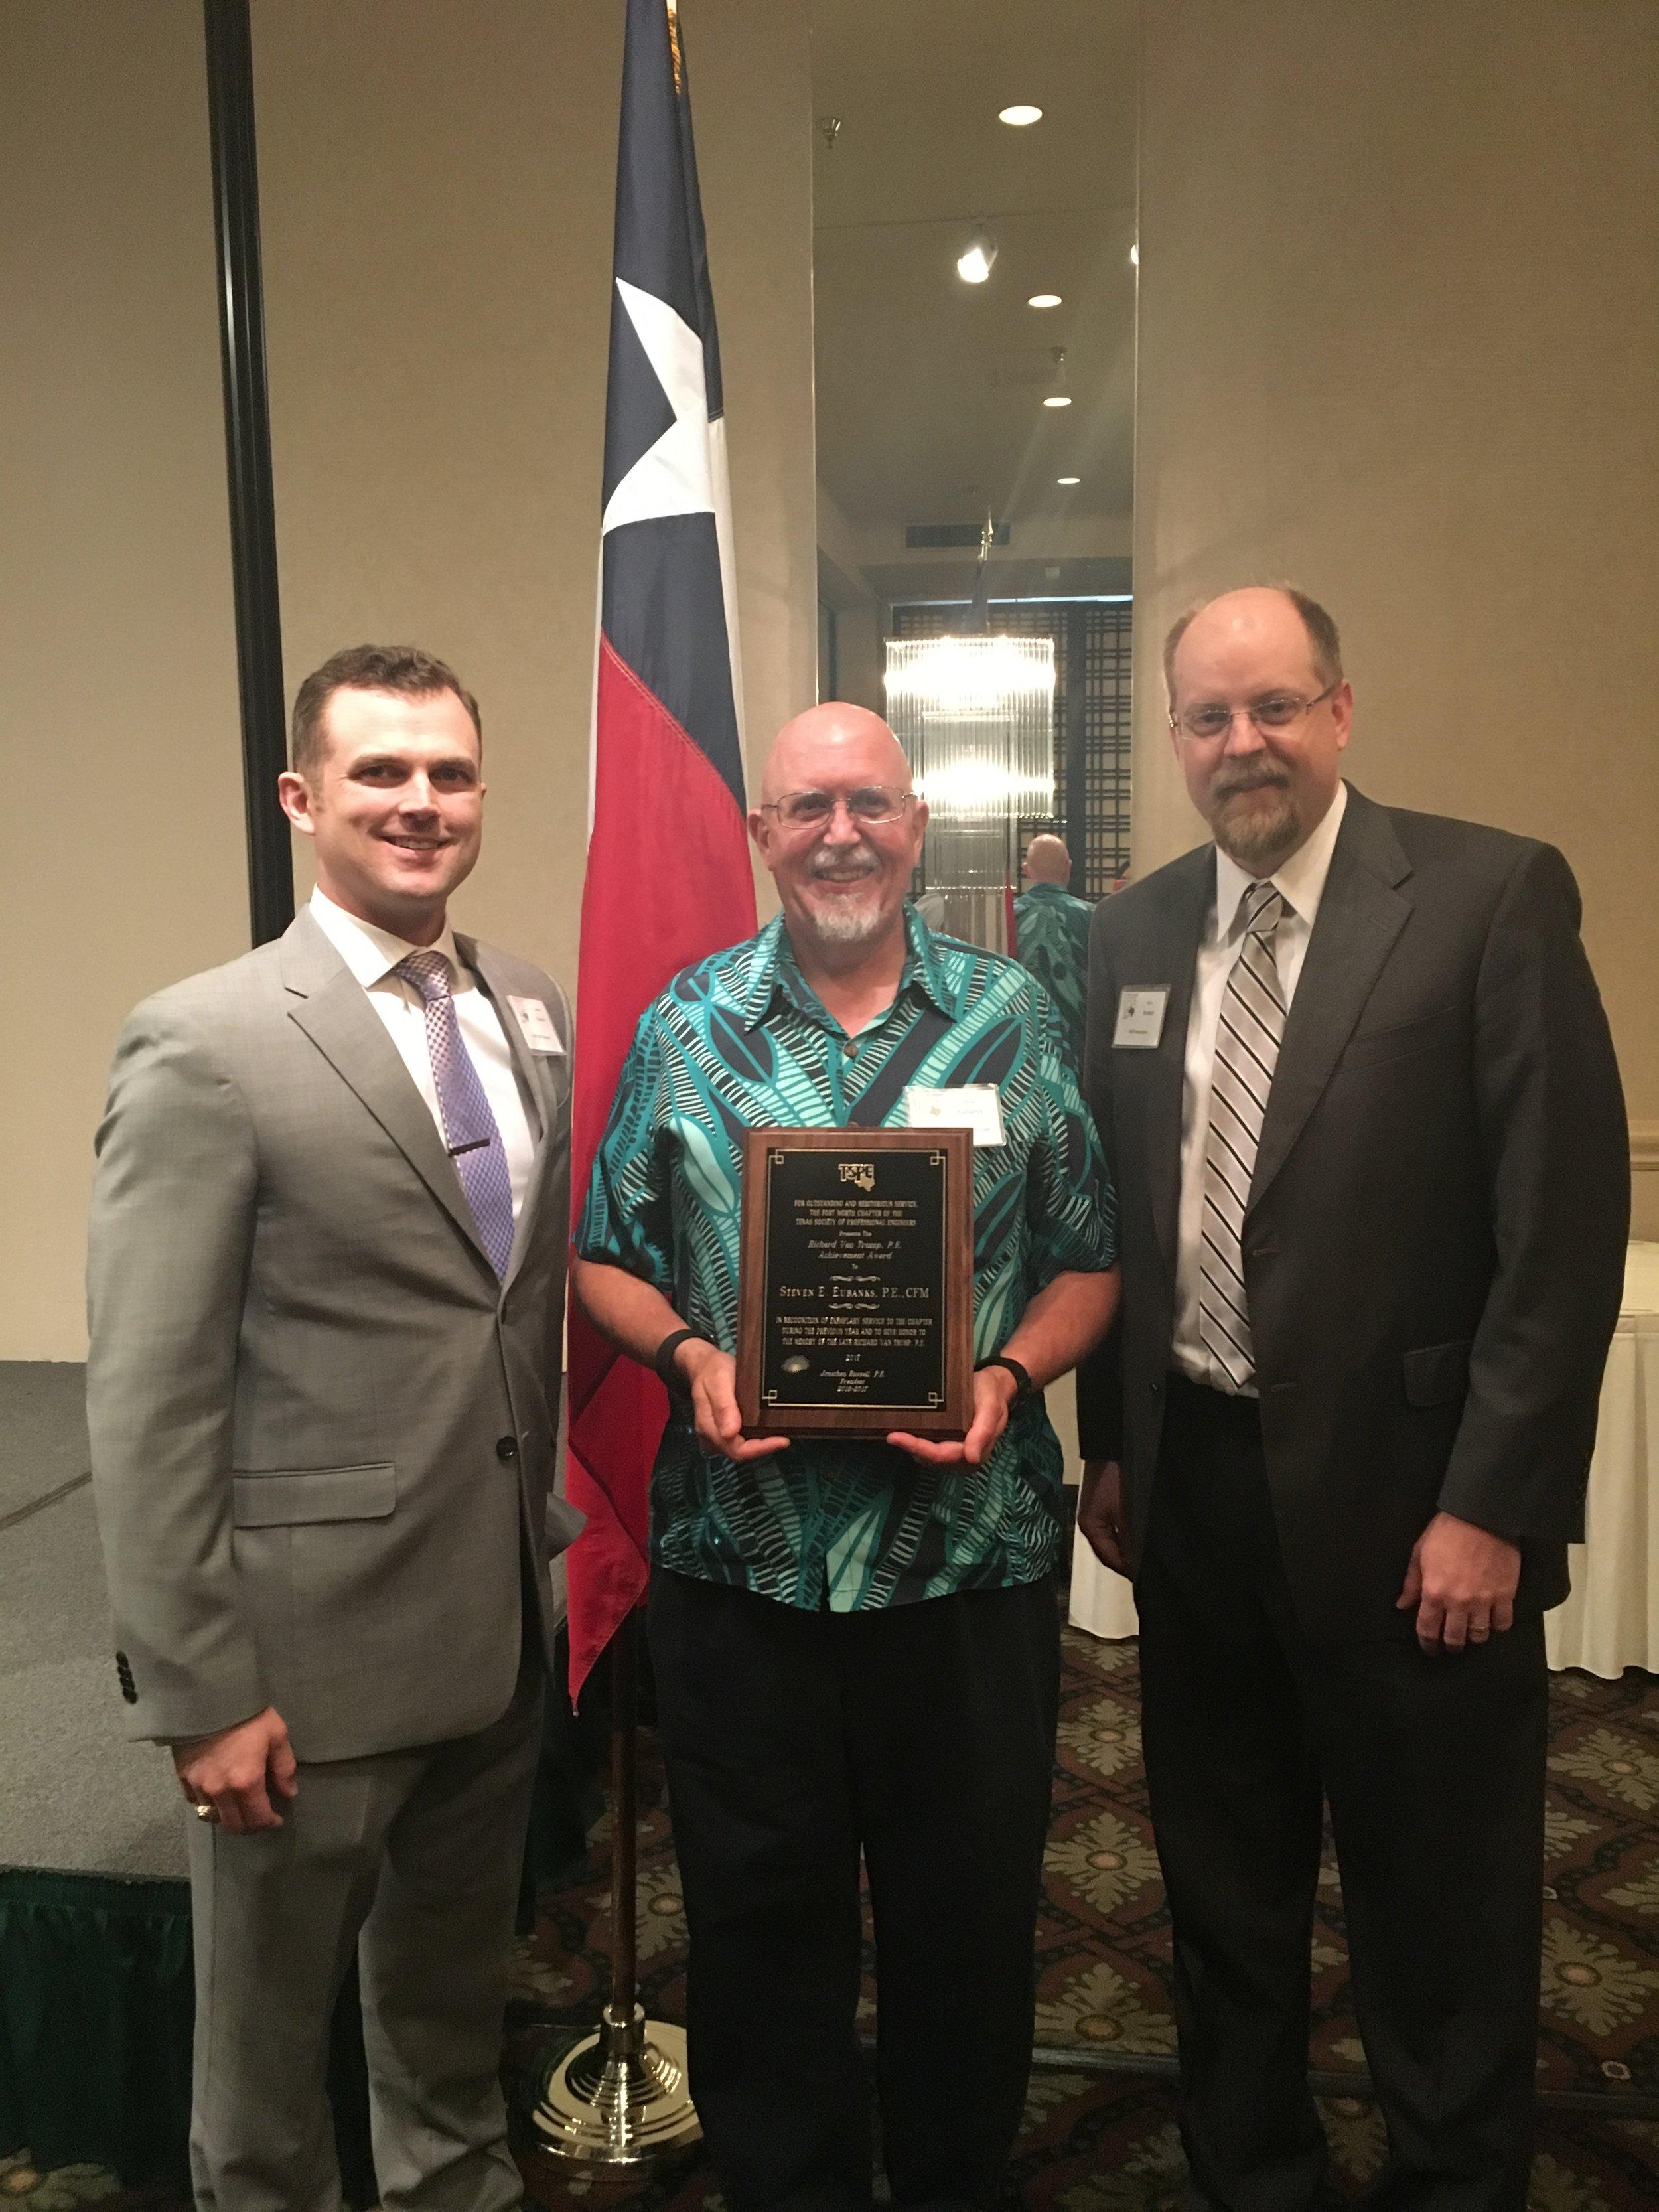 TSPE Richard Van Trump Award, Steven E. Eubanks, P.E., CFM, City of Fort Worth